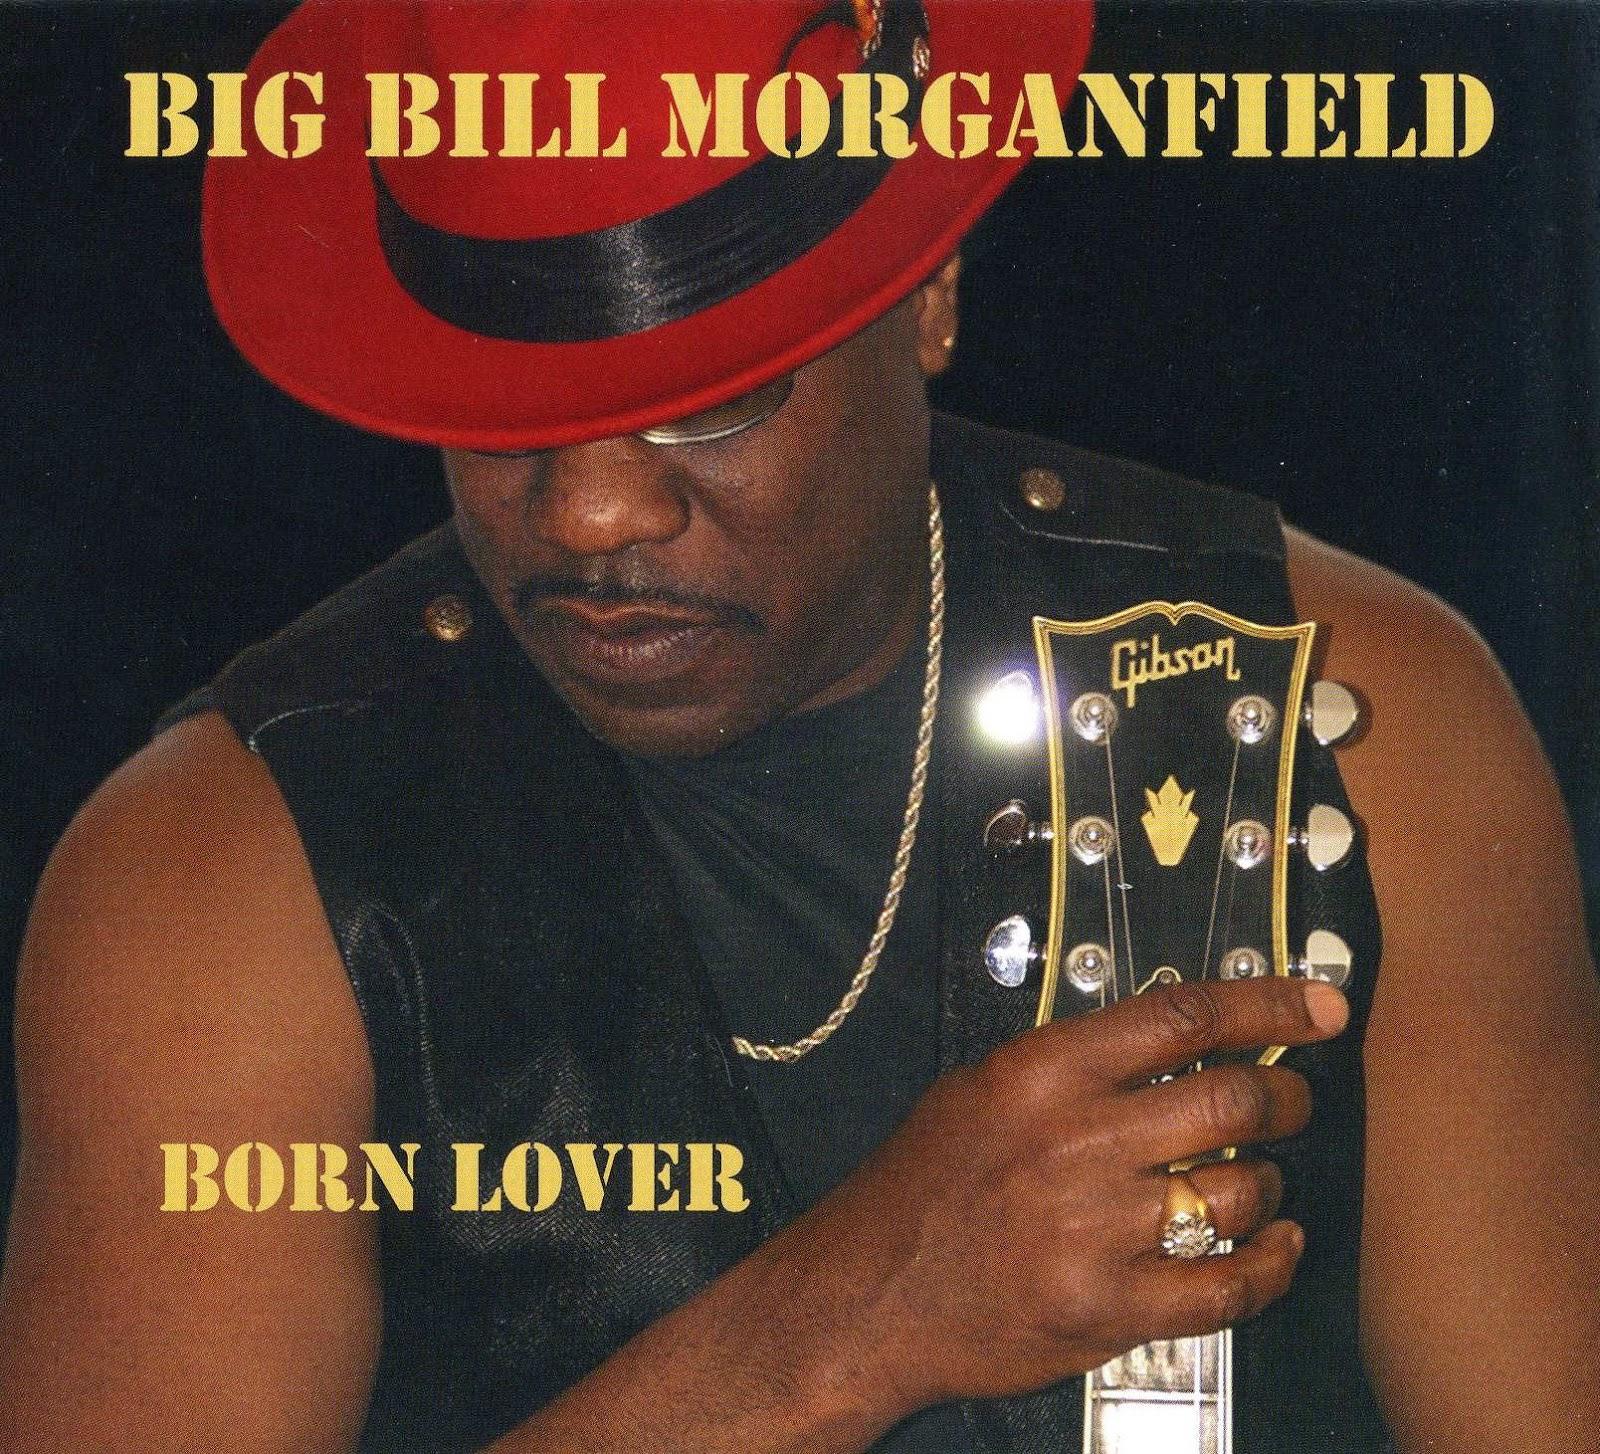 Big%2BBill%2BMorganfield%2BBorn%2BLover.